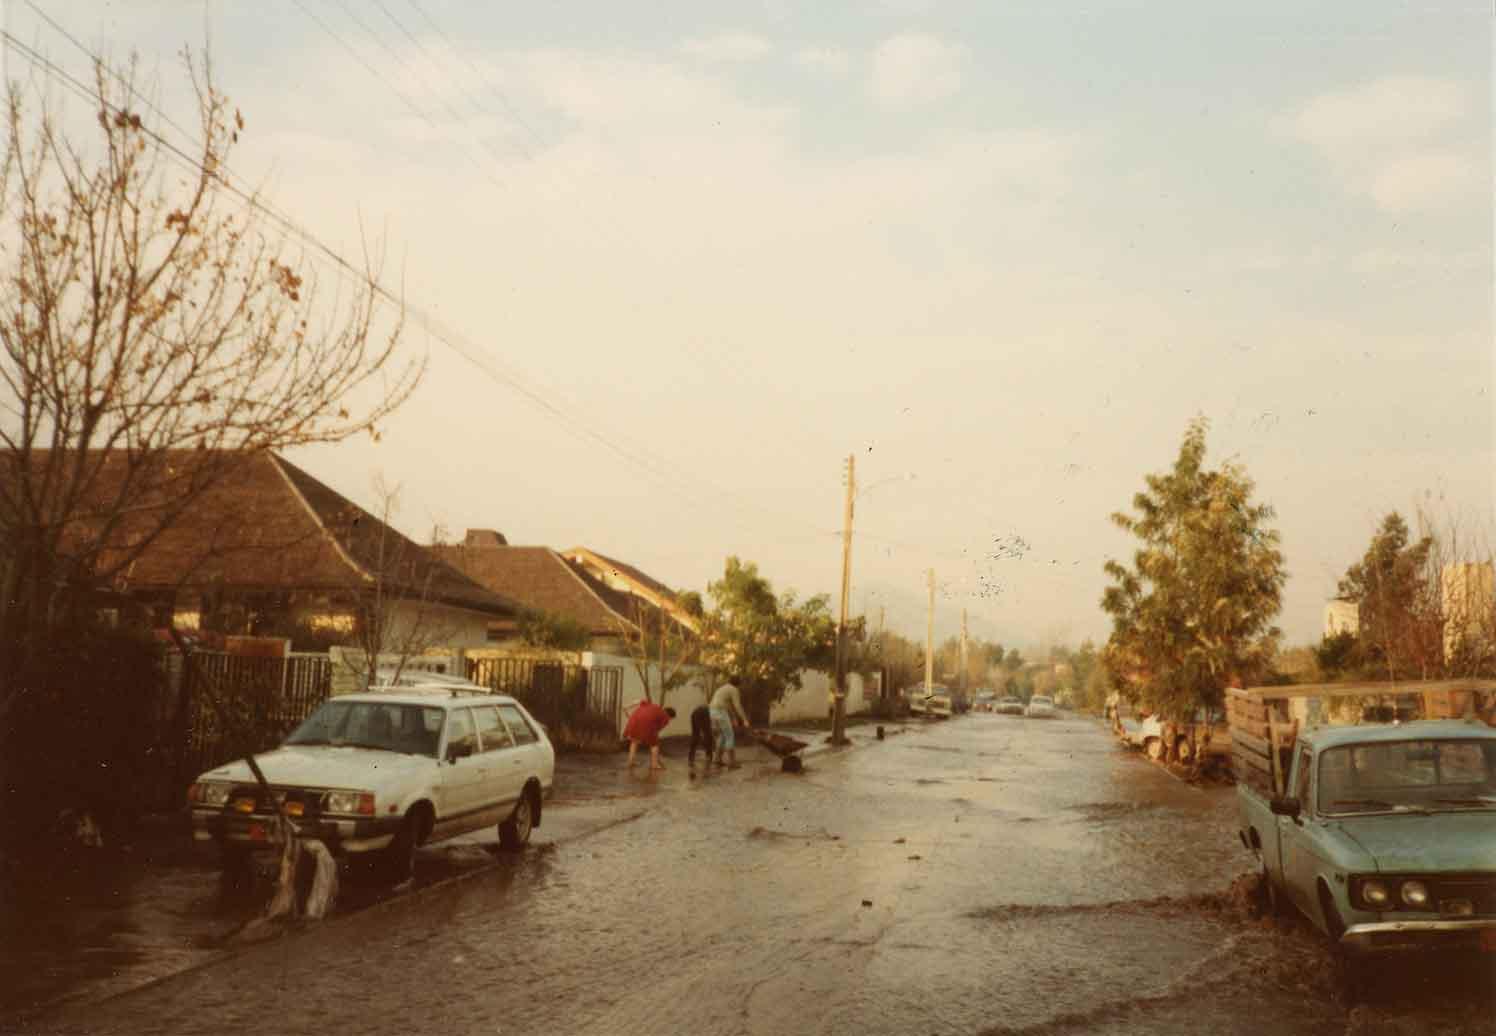 Enterreno - Fotos históricas de chile - fotos antiguas de Chile - Inundación en Vitacura, 1982